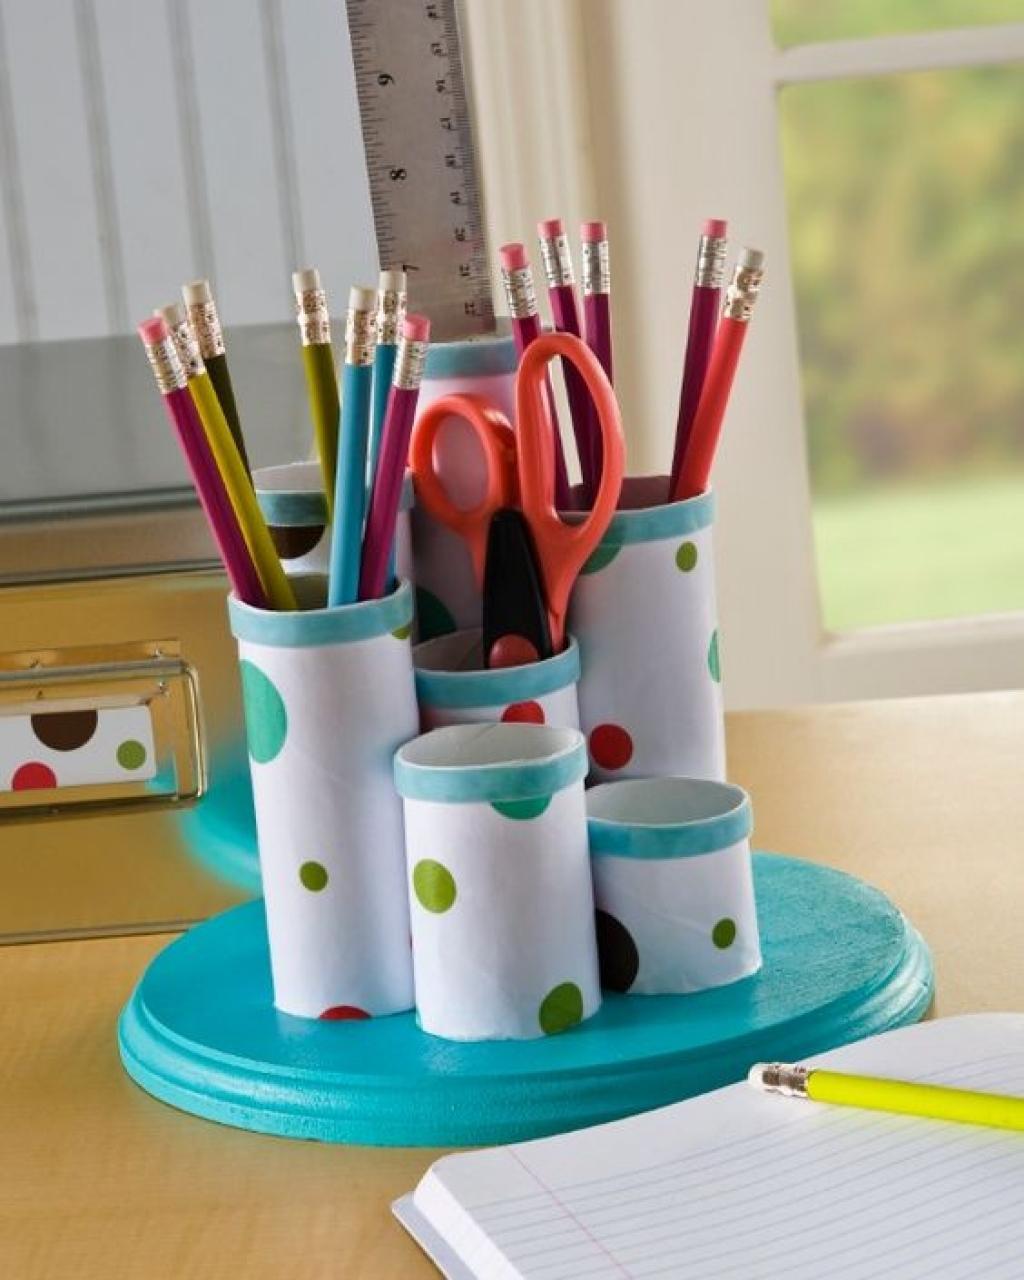 Fabriquer Un Porte Essuie Tout avant de jeter les rouleaux de carton au bac vert! jetez un